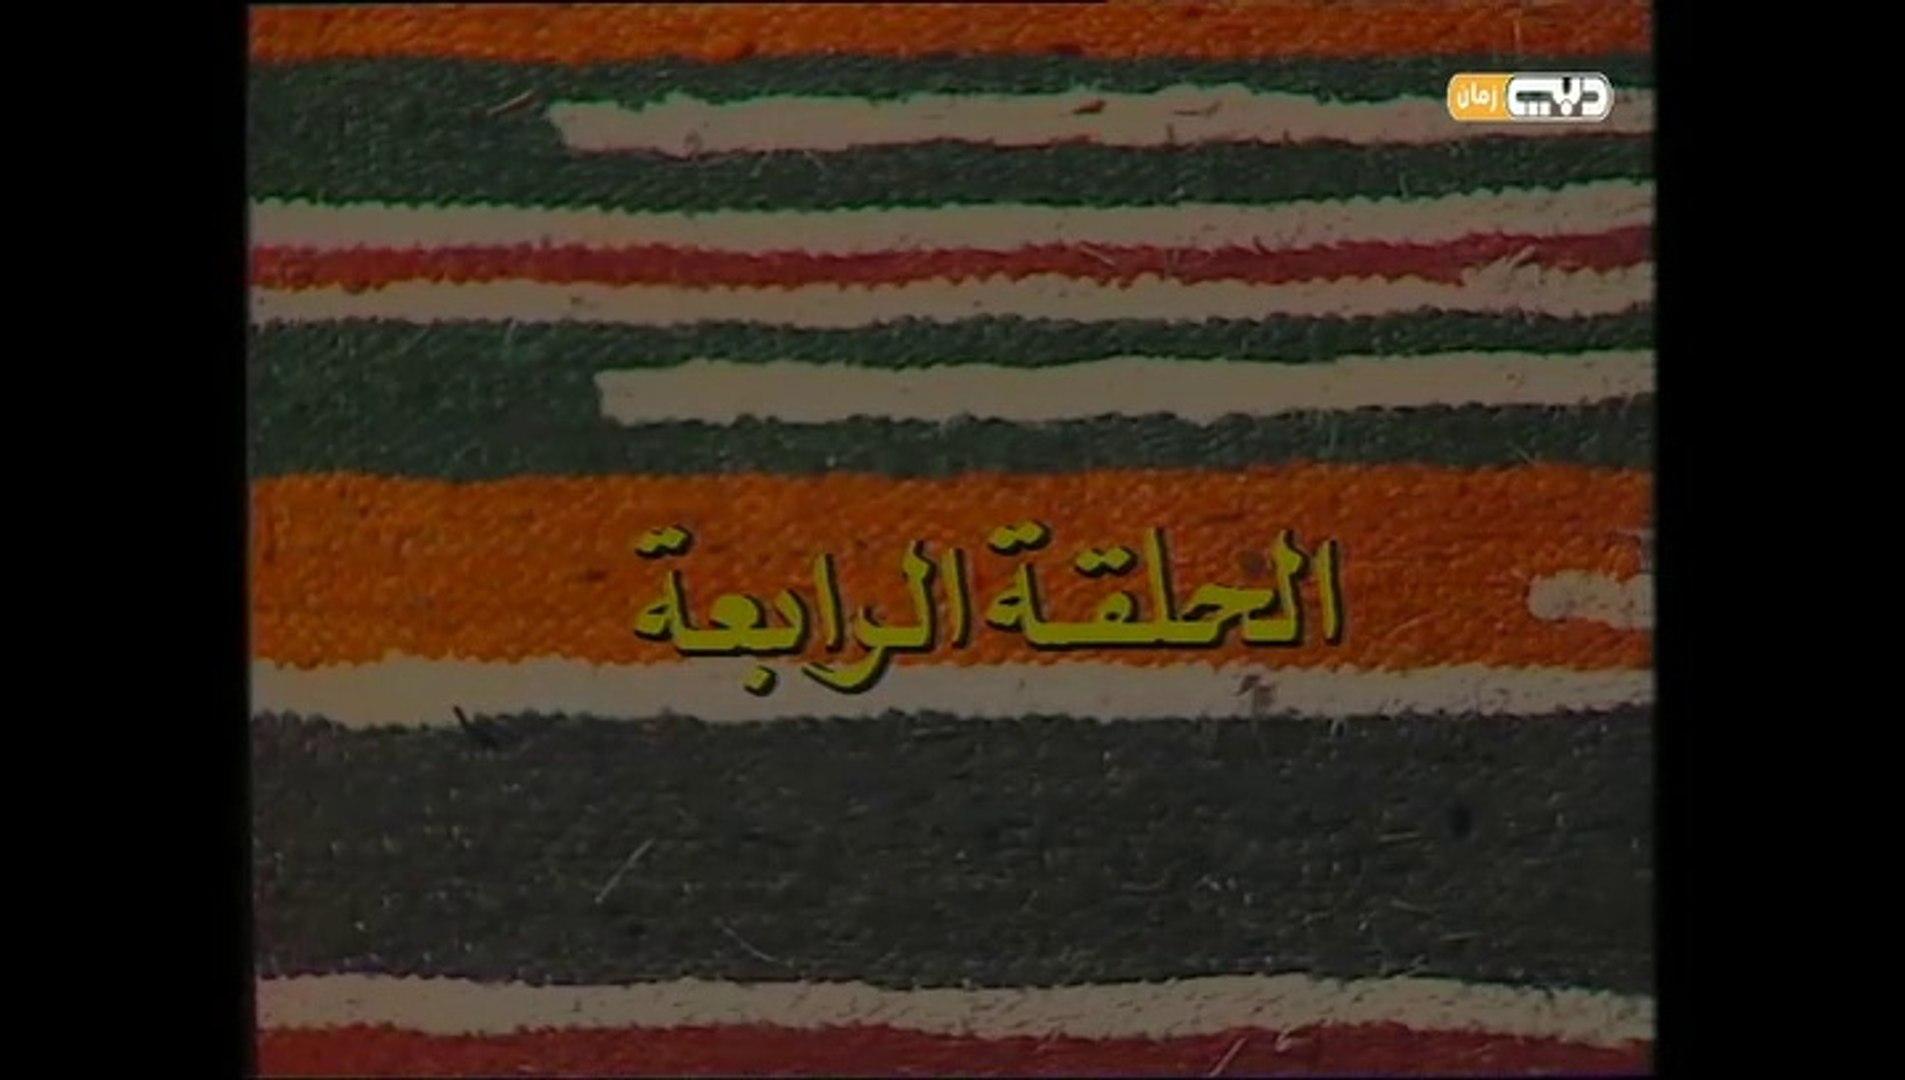 خالتي قماشة الحلقة 4 Hd فيديو Dailymotion